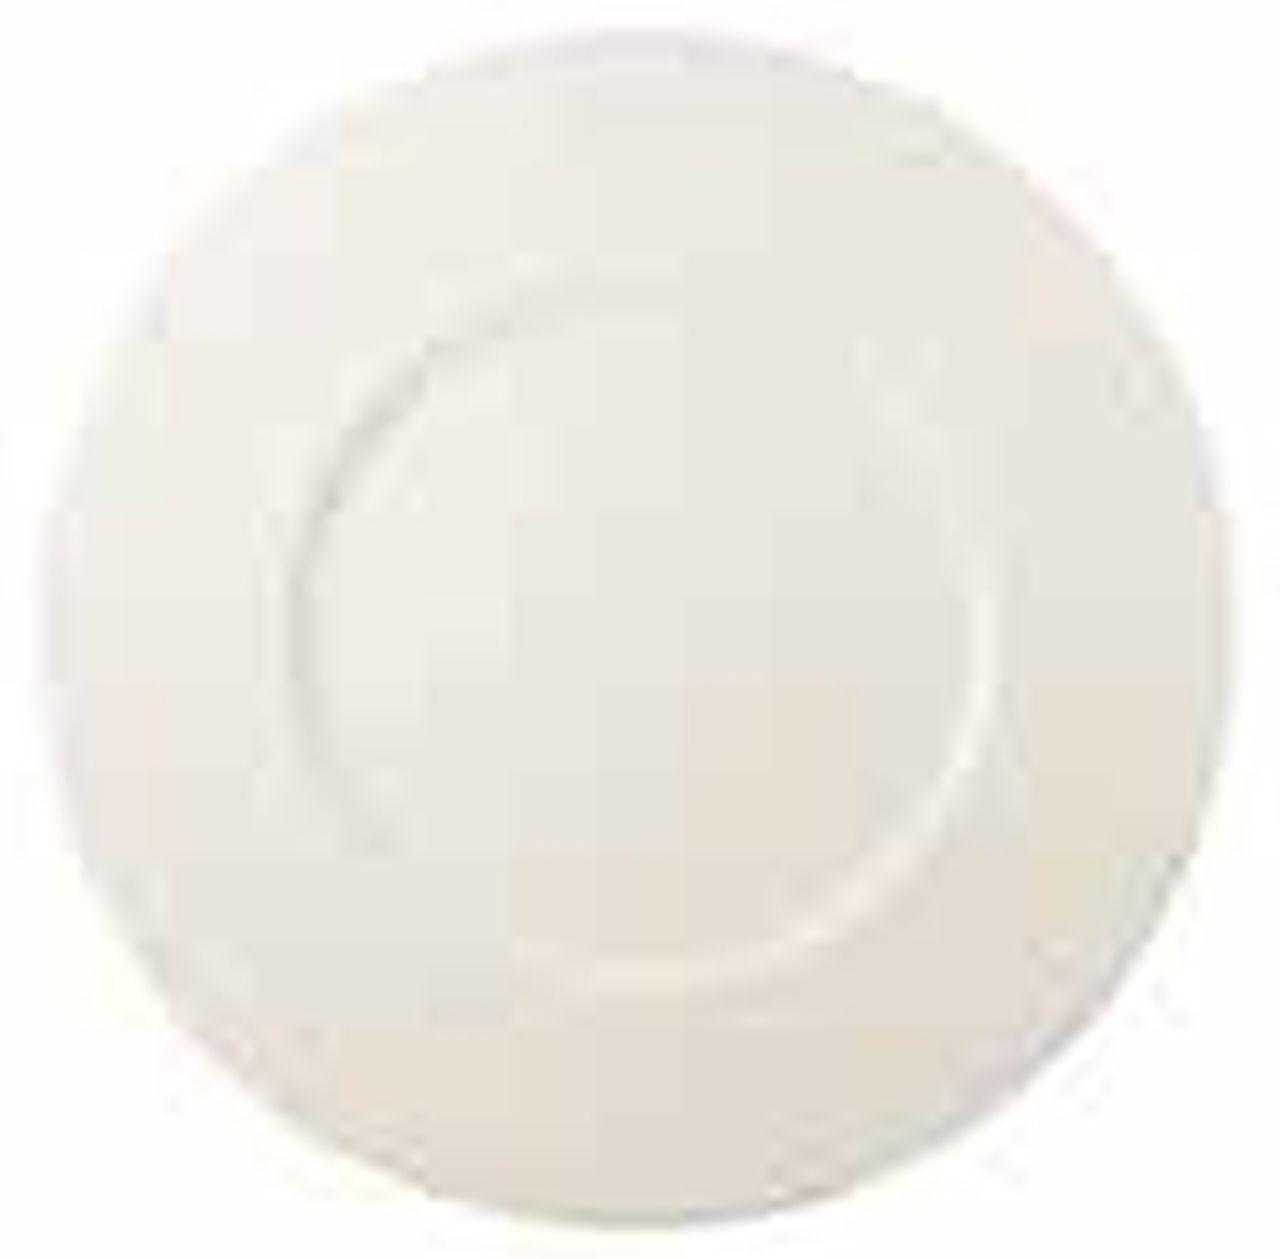 Piatto da tavola piano in porcellana stile New Bone Gourmet cm.diam.23